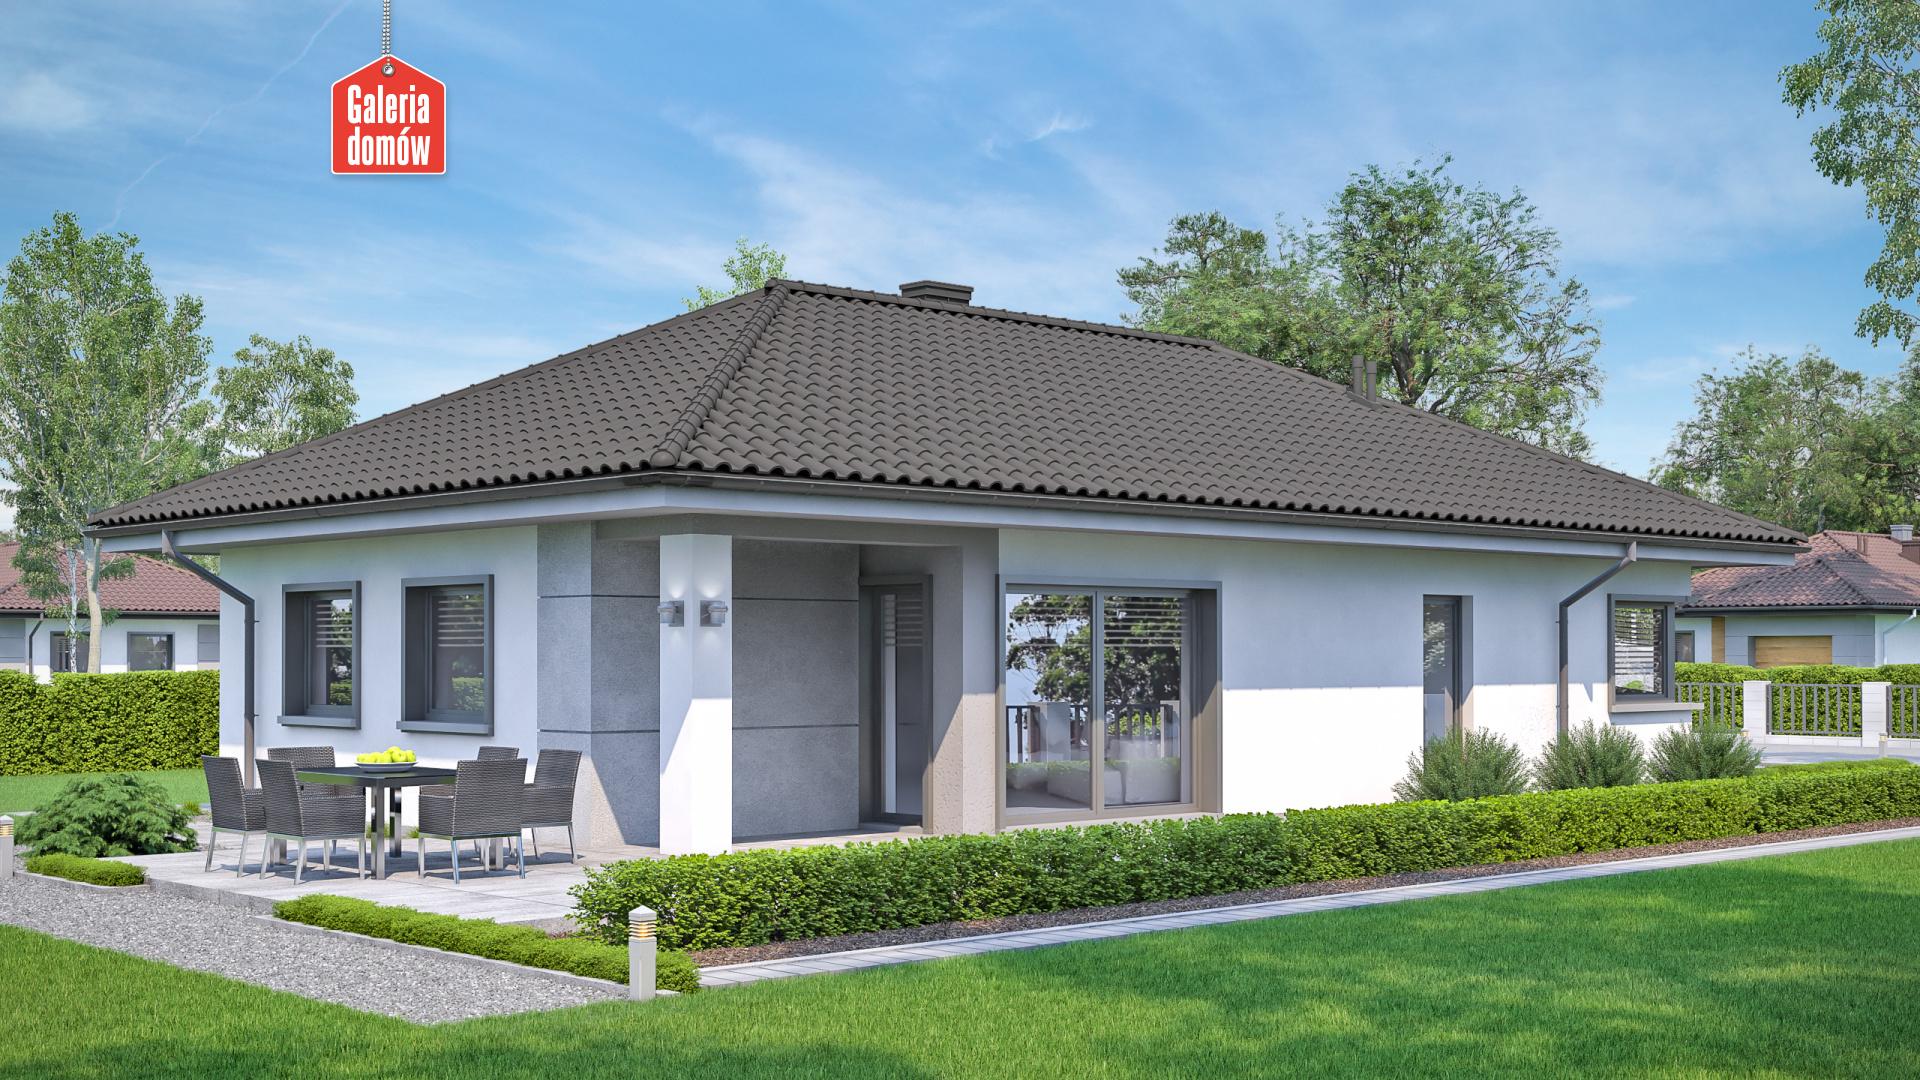 Dom przy Pastelowej 16 - zdjęcie projektu i wizualizacja